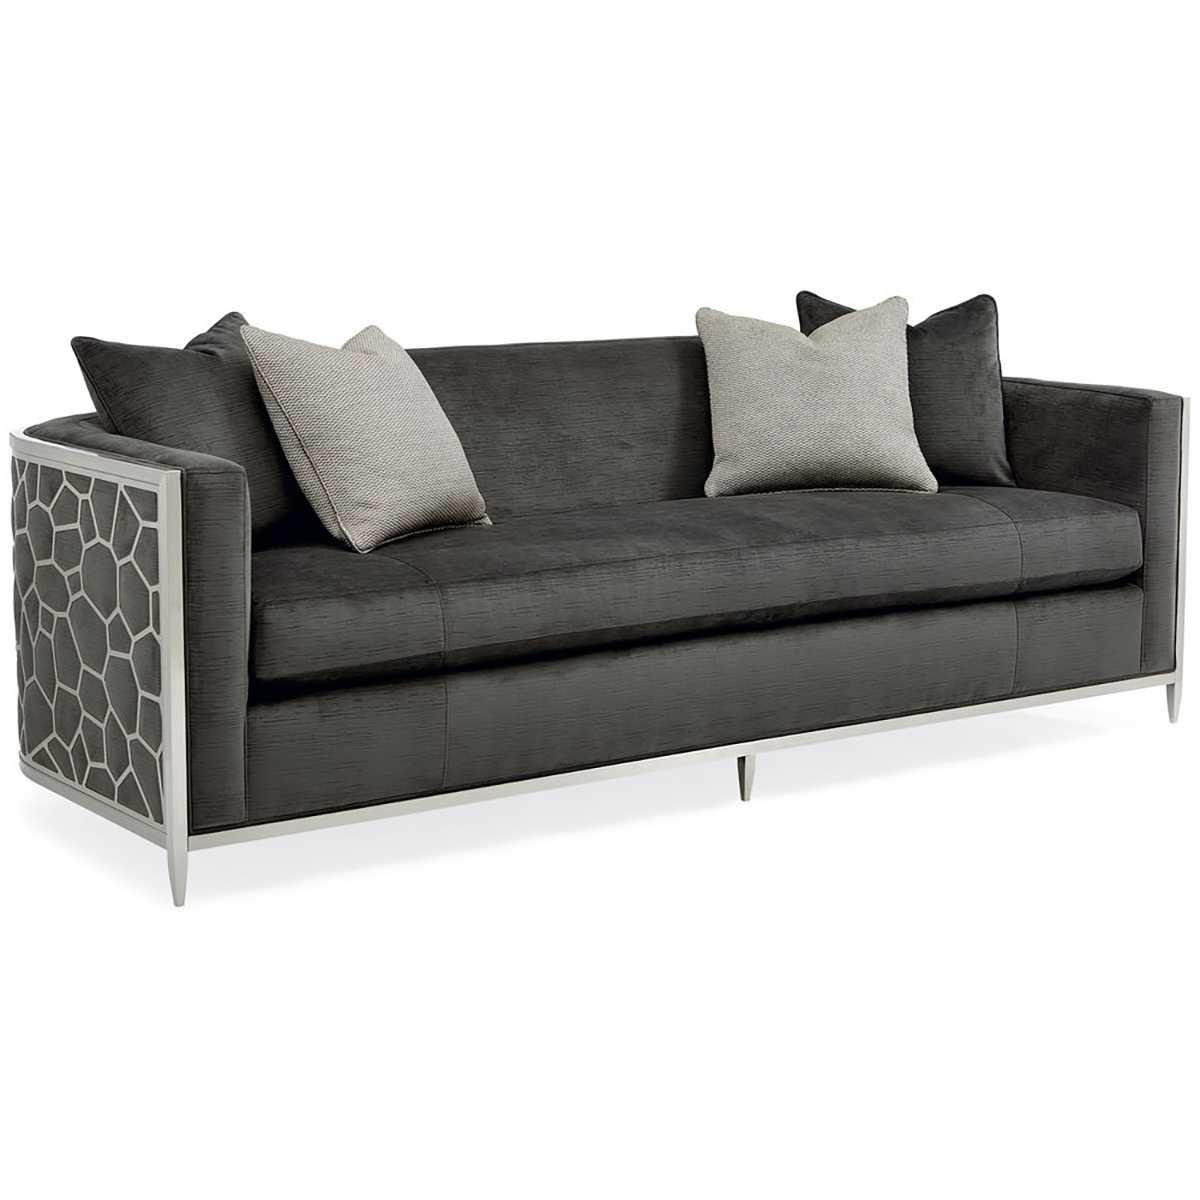 Caracole Ice Breaker Sofa Candelabra Inc Cushions On Sofa Sofa Furniture